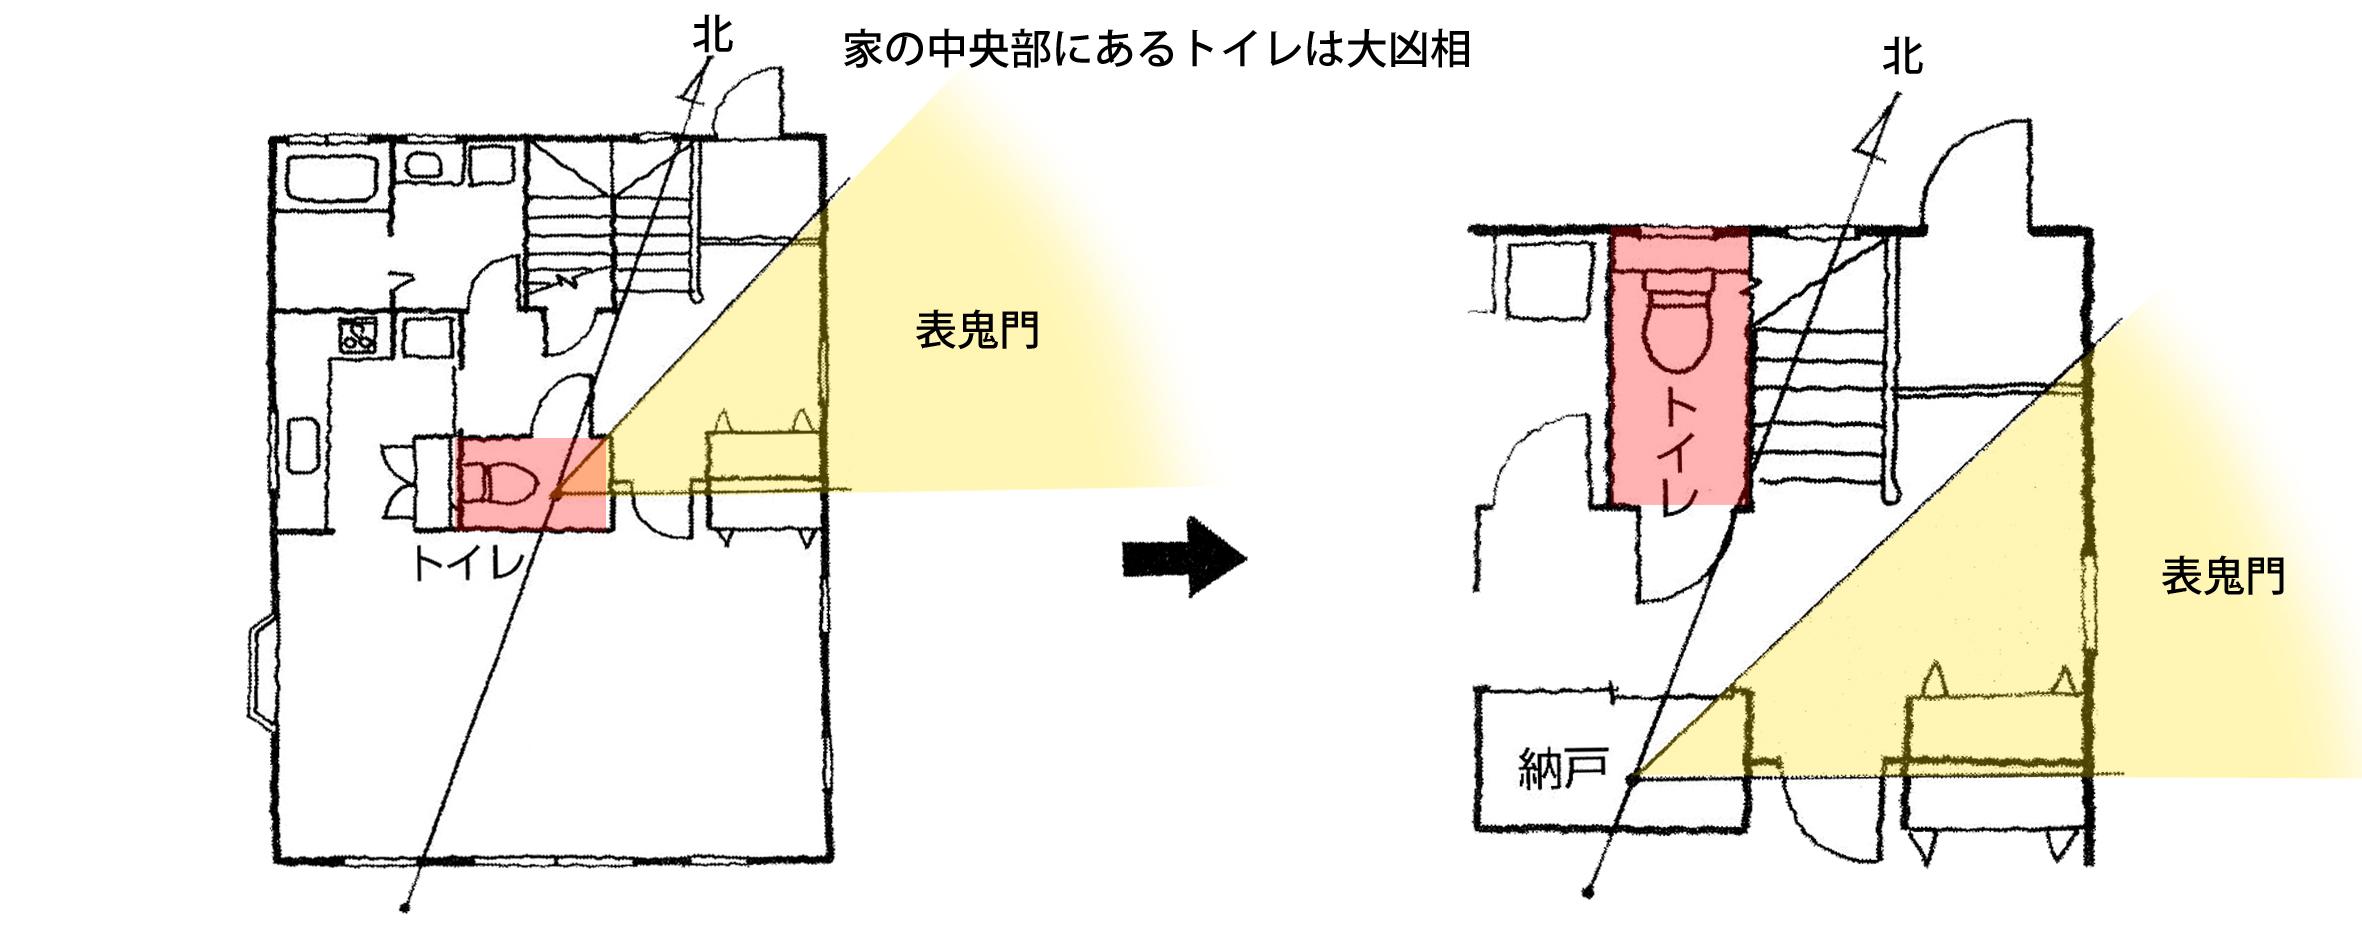 【家相リフォームのススメ―4】トイレ編①<br/>窓のないトイレは凶相。家の中央部のトイレは大凶相。